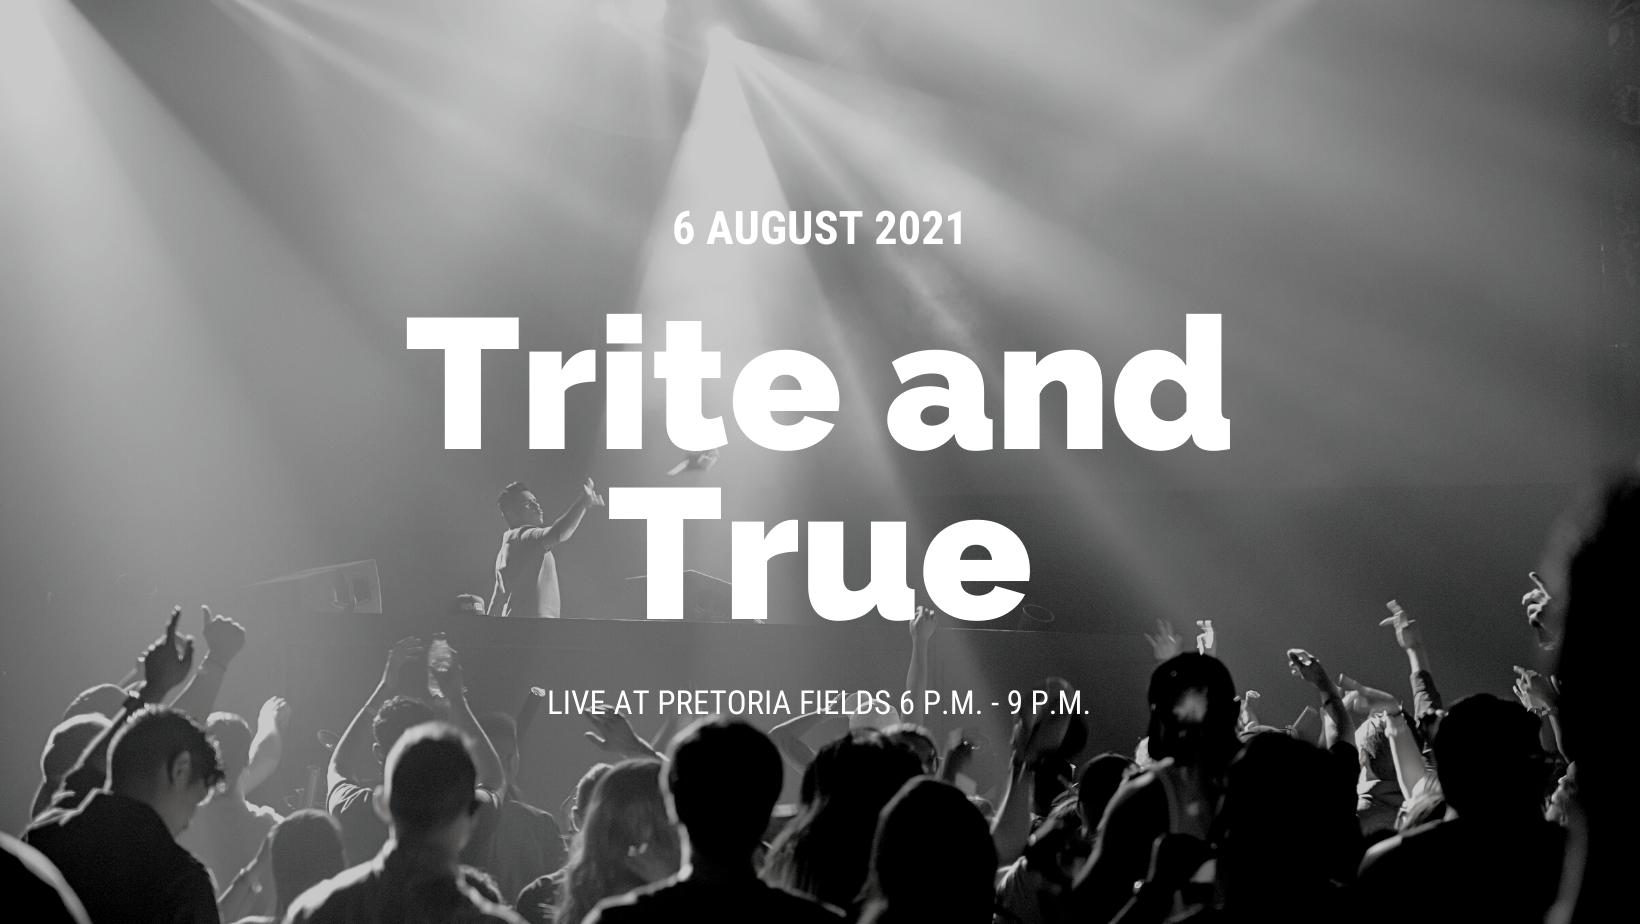 Live at Pretoria Fields: Trite and True